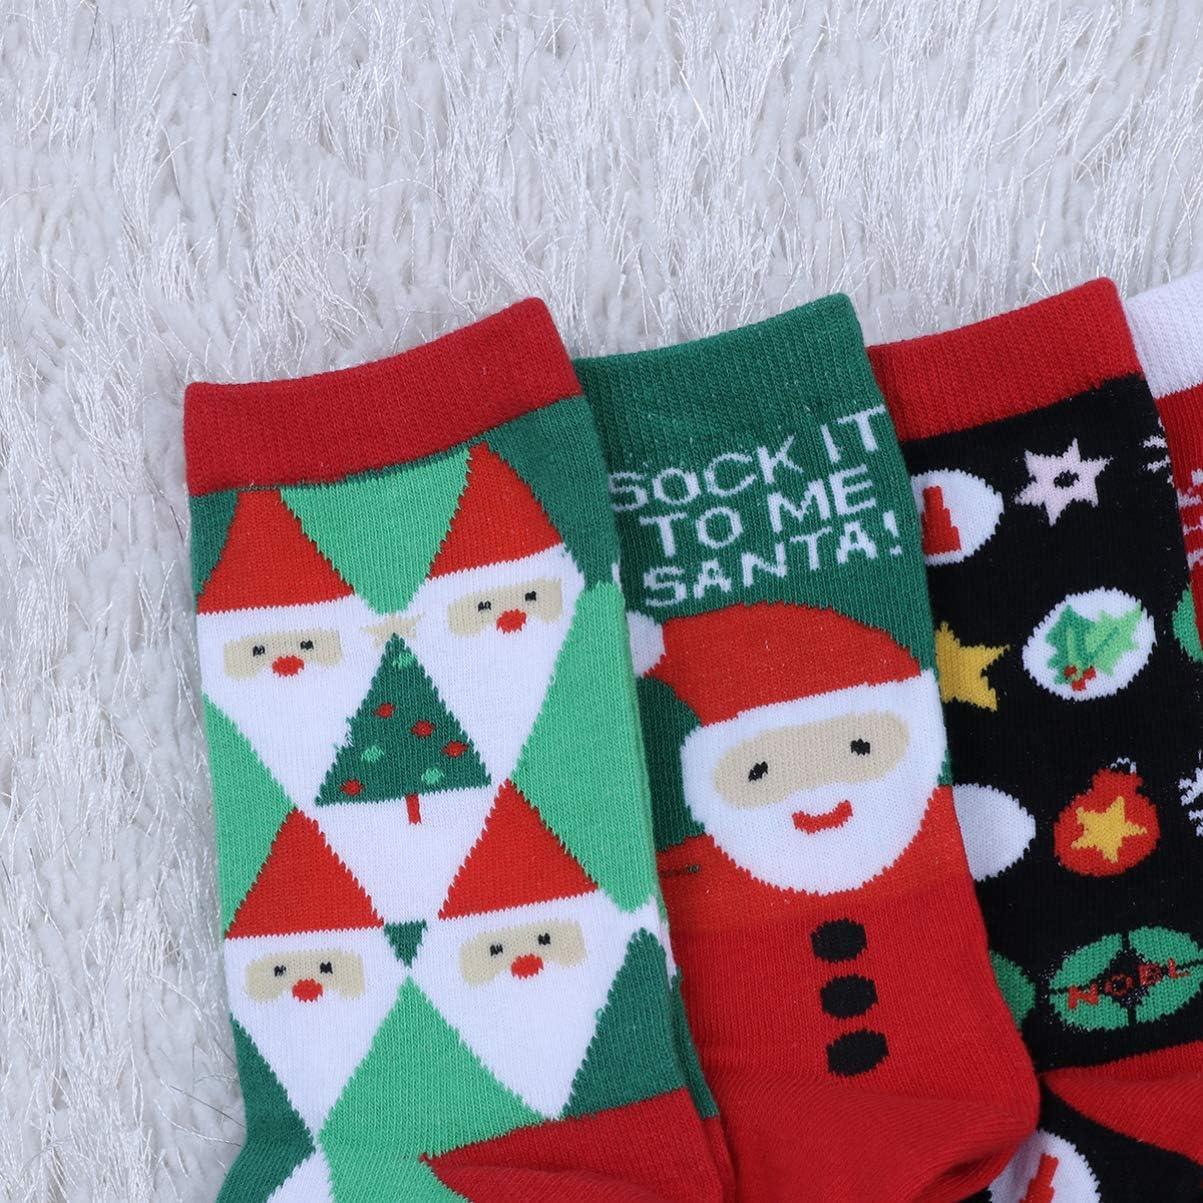 calcetines suaves y c/álidos de invierno para mujer con patr/ón de Navidad en 3D para llevar en casa fiesta navide/ña QKURT 6 pares de calcetines navide/ños